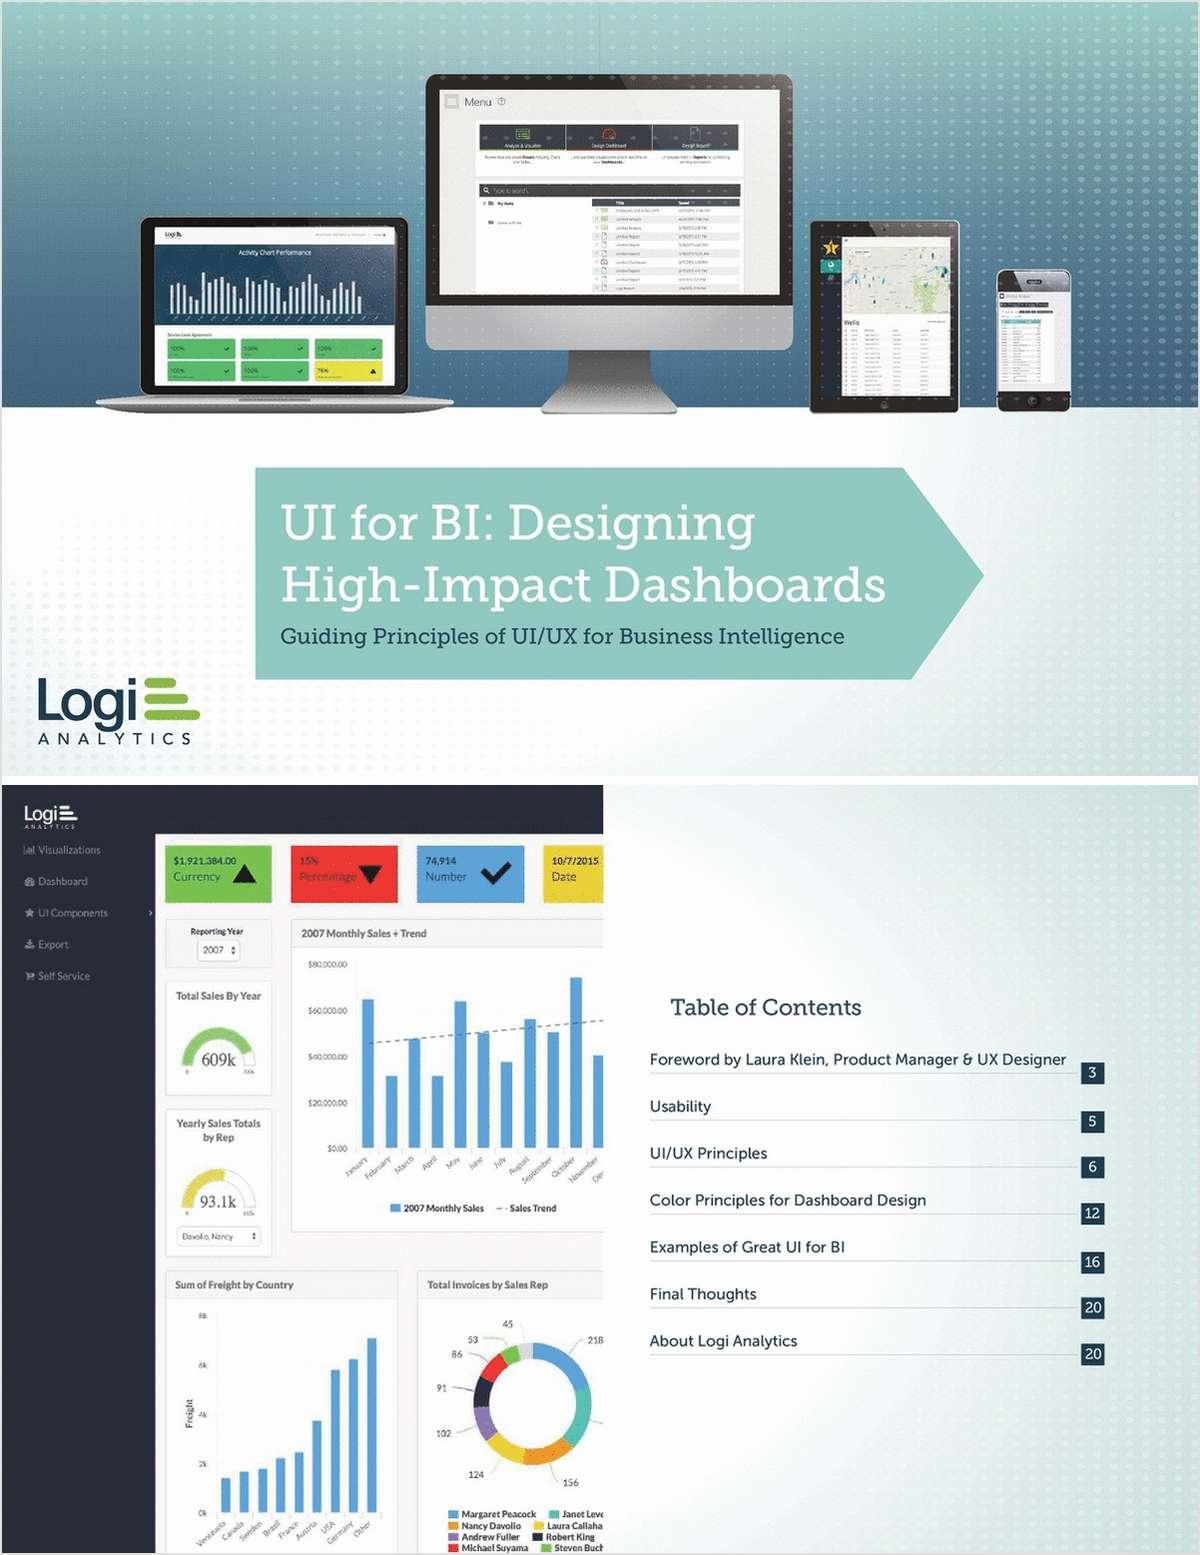 UI for BI: Designing High-Impact Dashboards